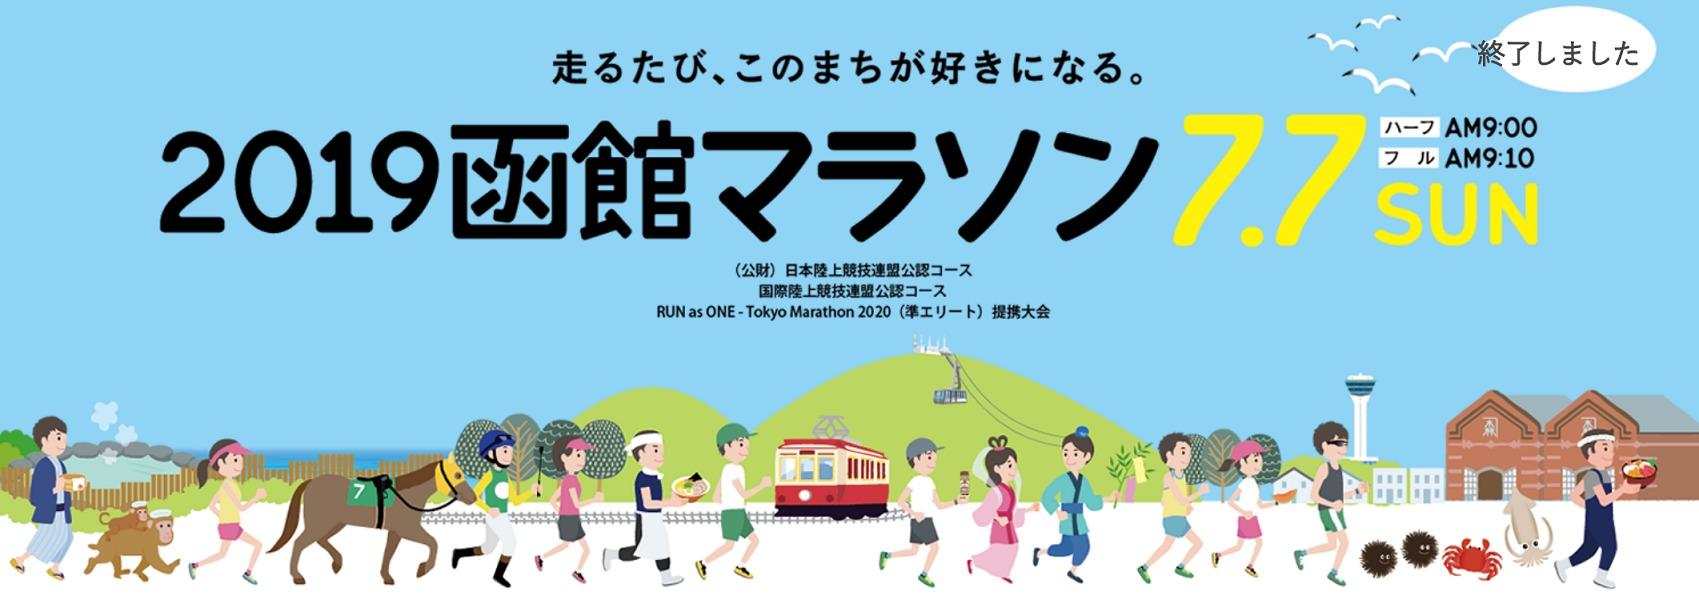 函館マラソン2019